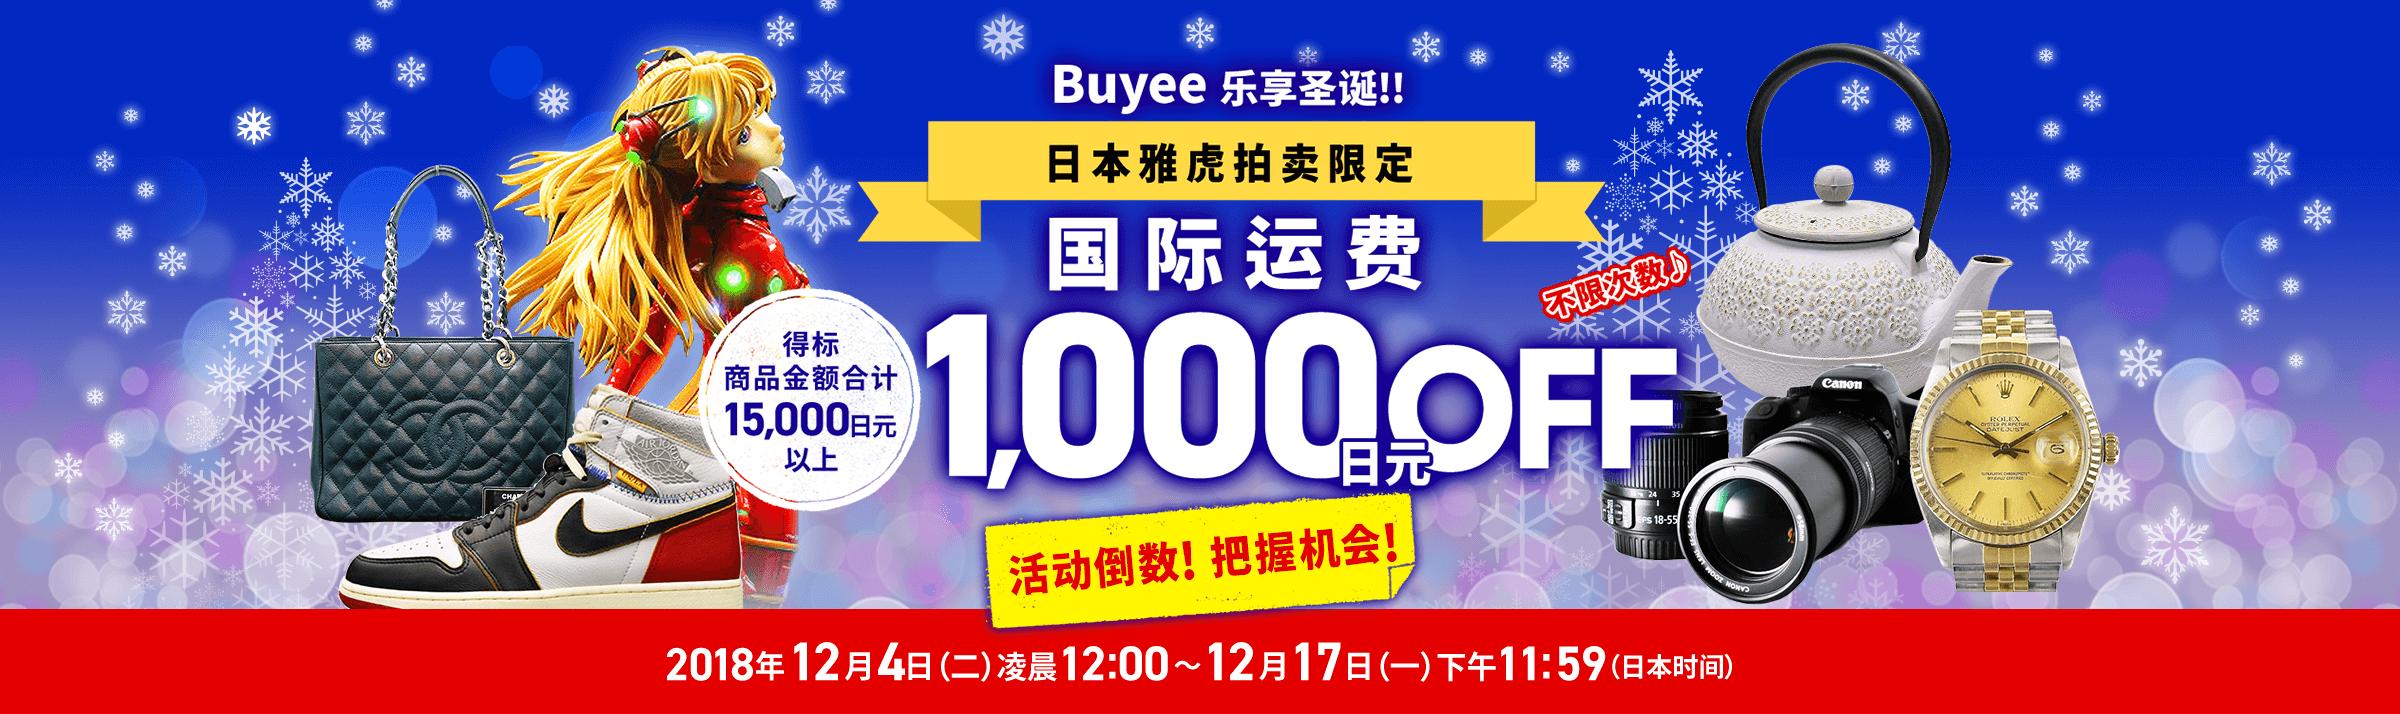 日本雅虎拍卖限定 乐享圣诞好礼不断! 可享国际运费1,000日元折扣!